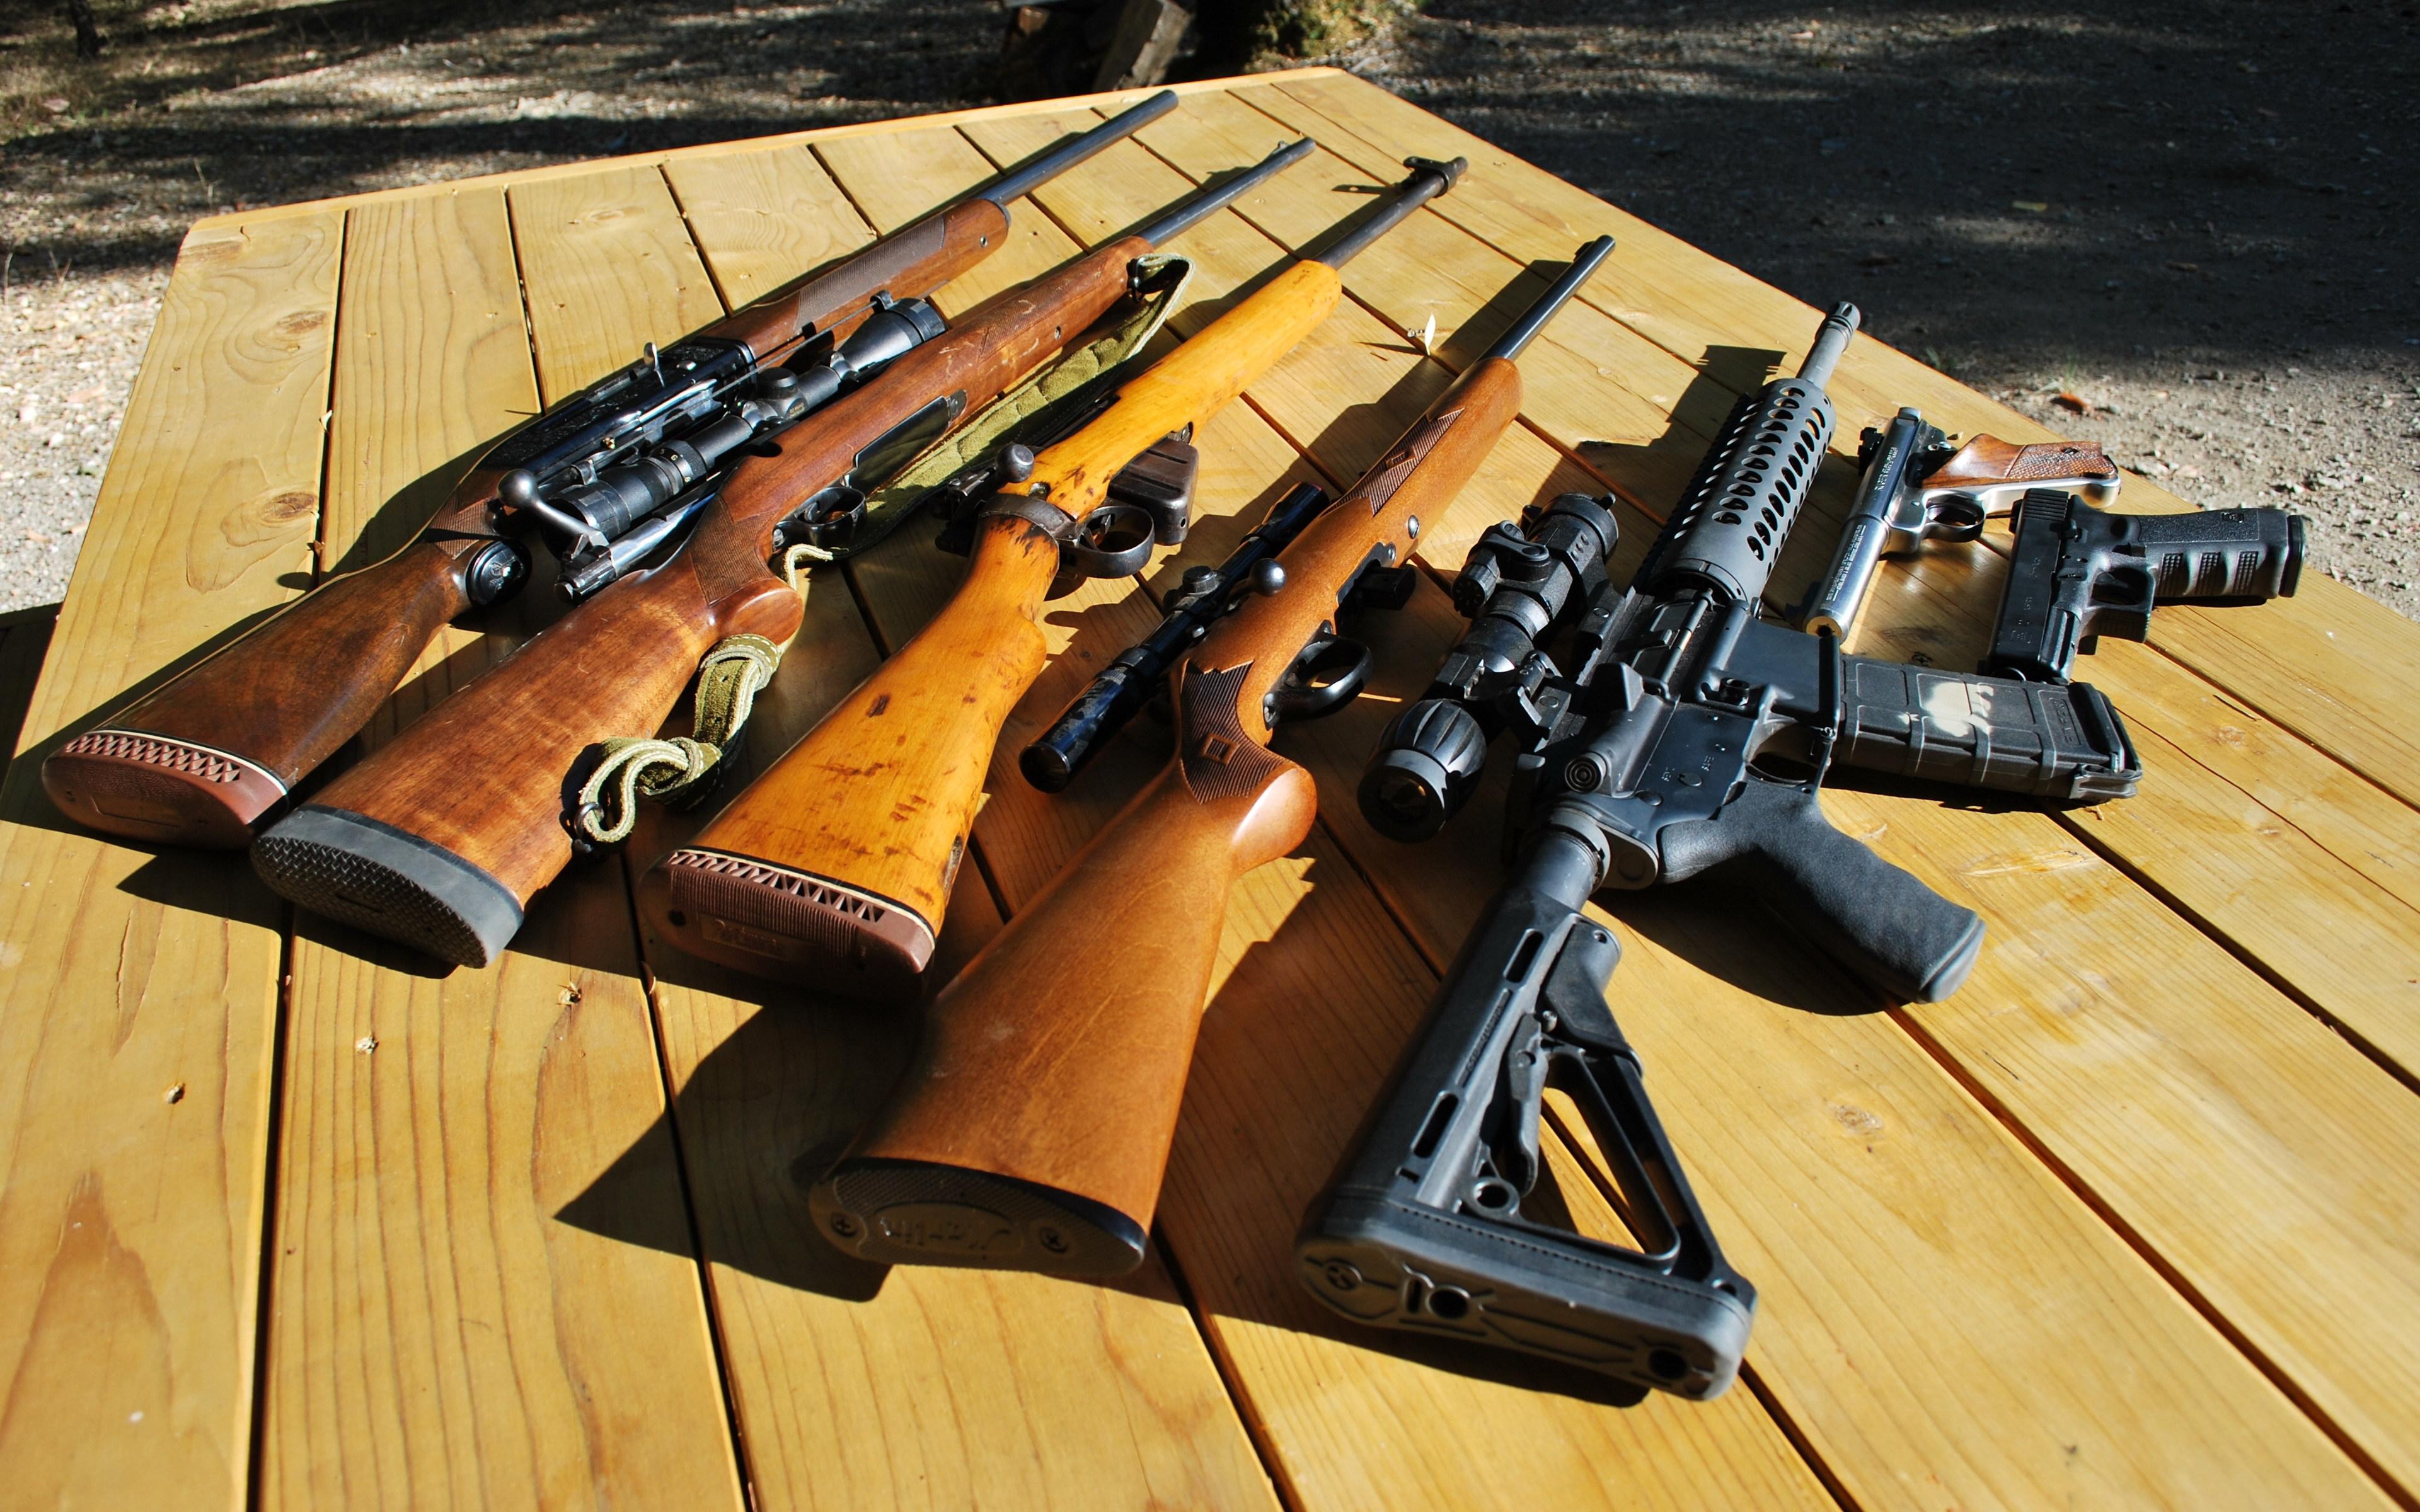 обои для стола машины и оружие № 634888 бесплатно